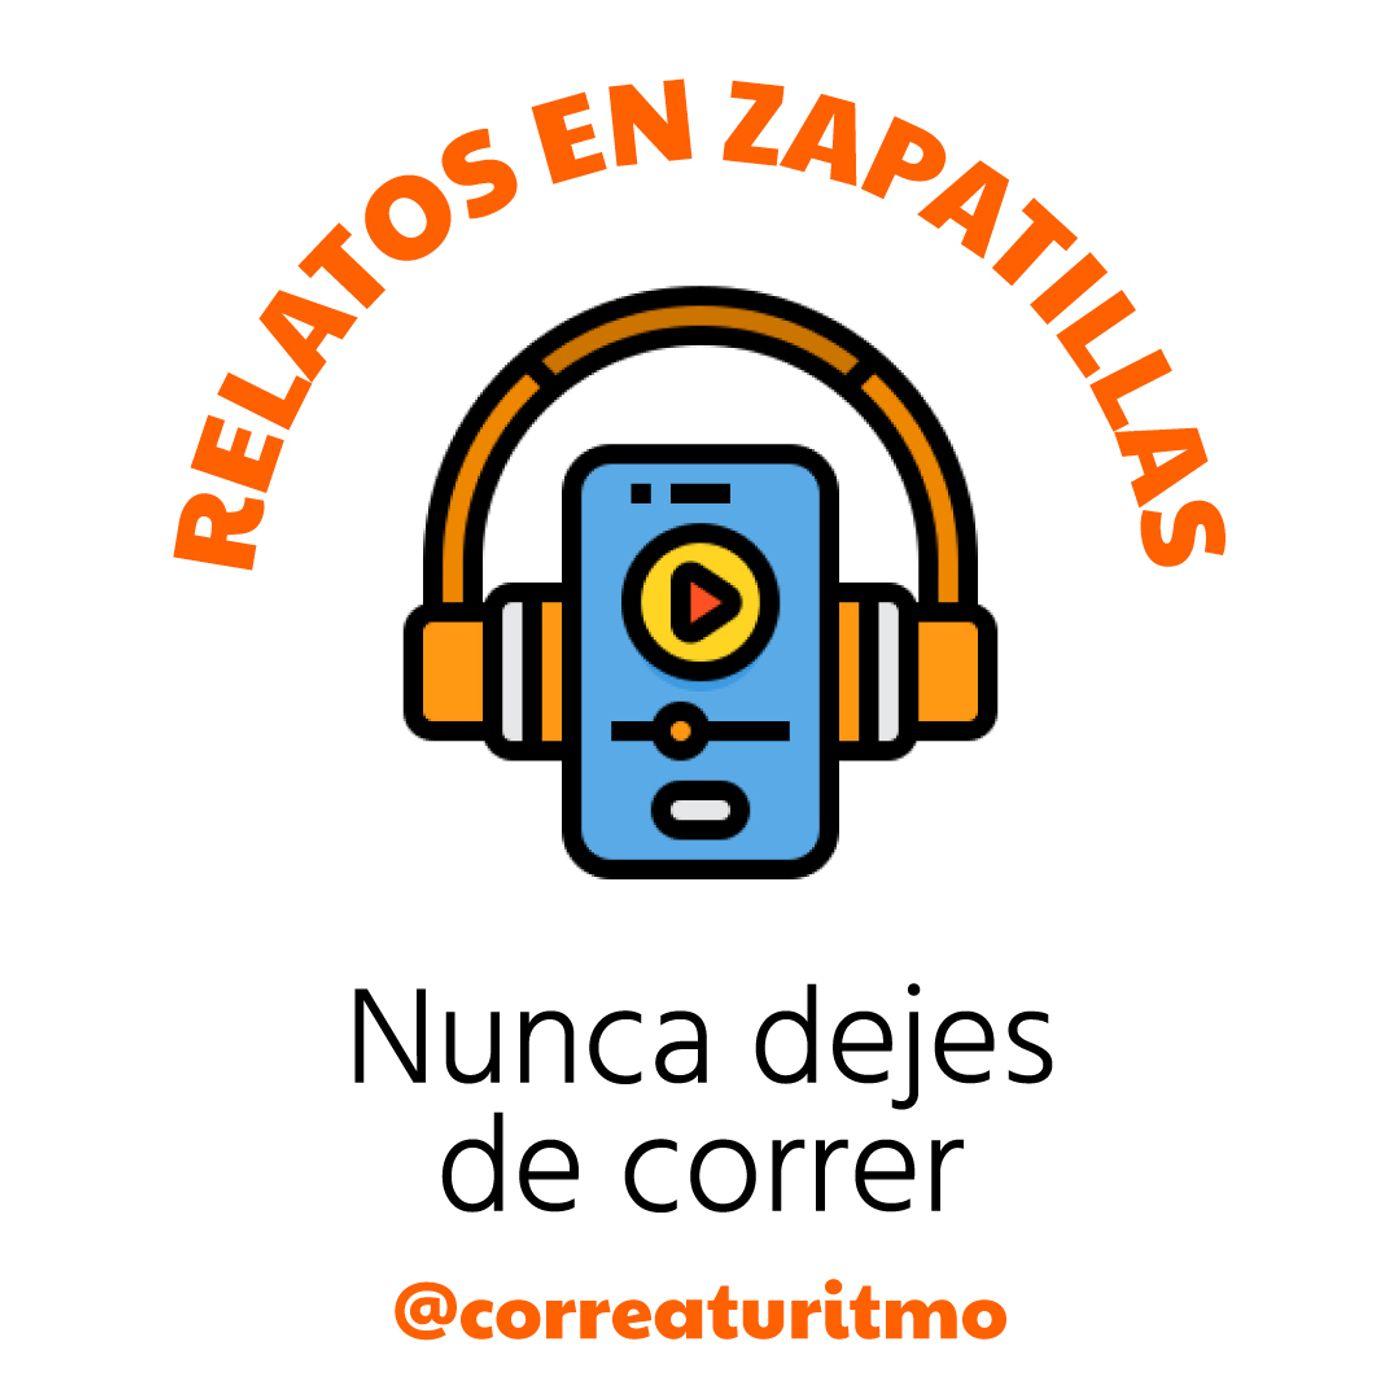 Relatos en Zapatillas #3 - Nunca dejes de correr